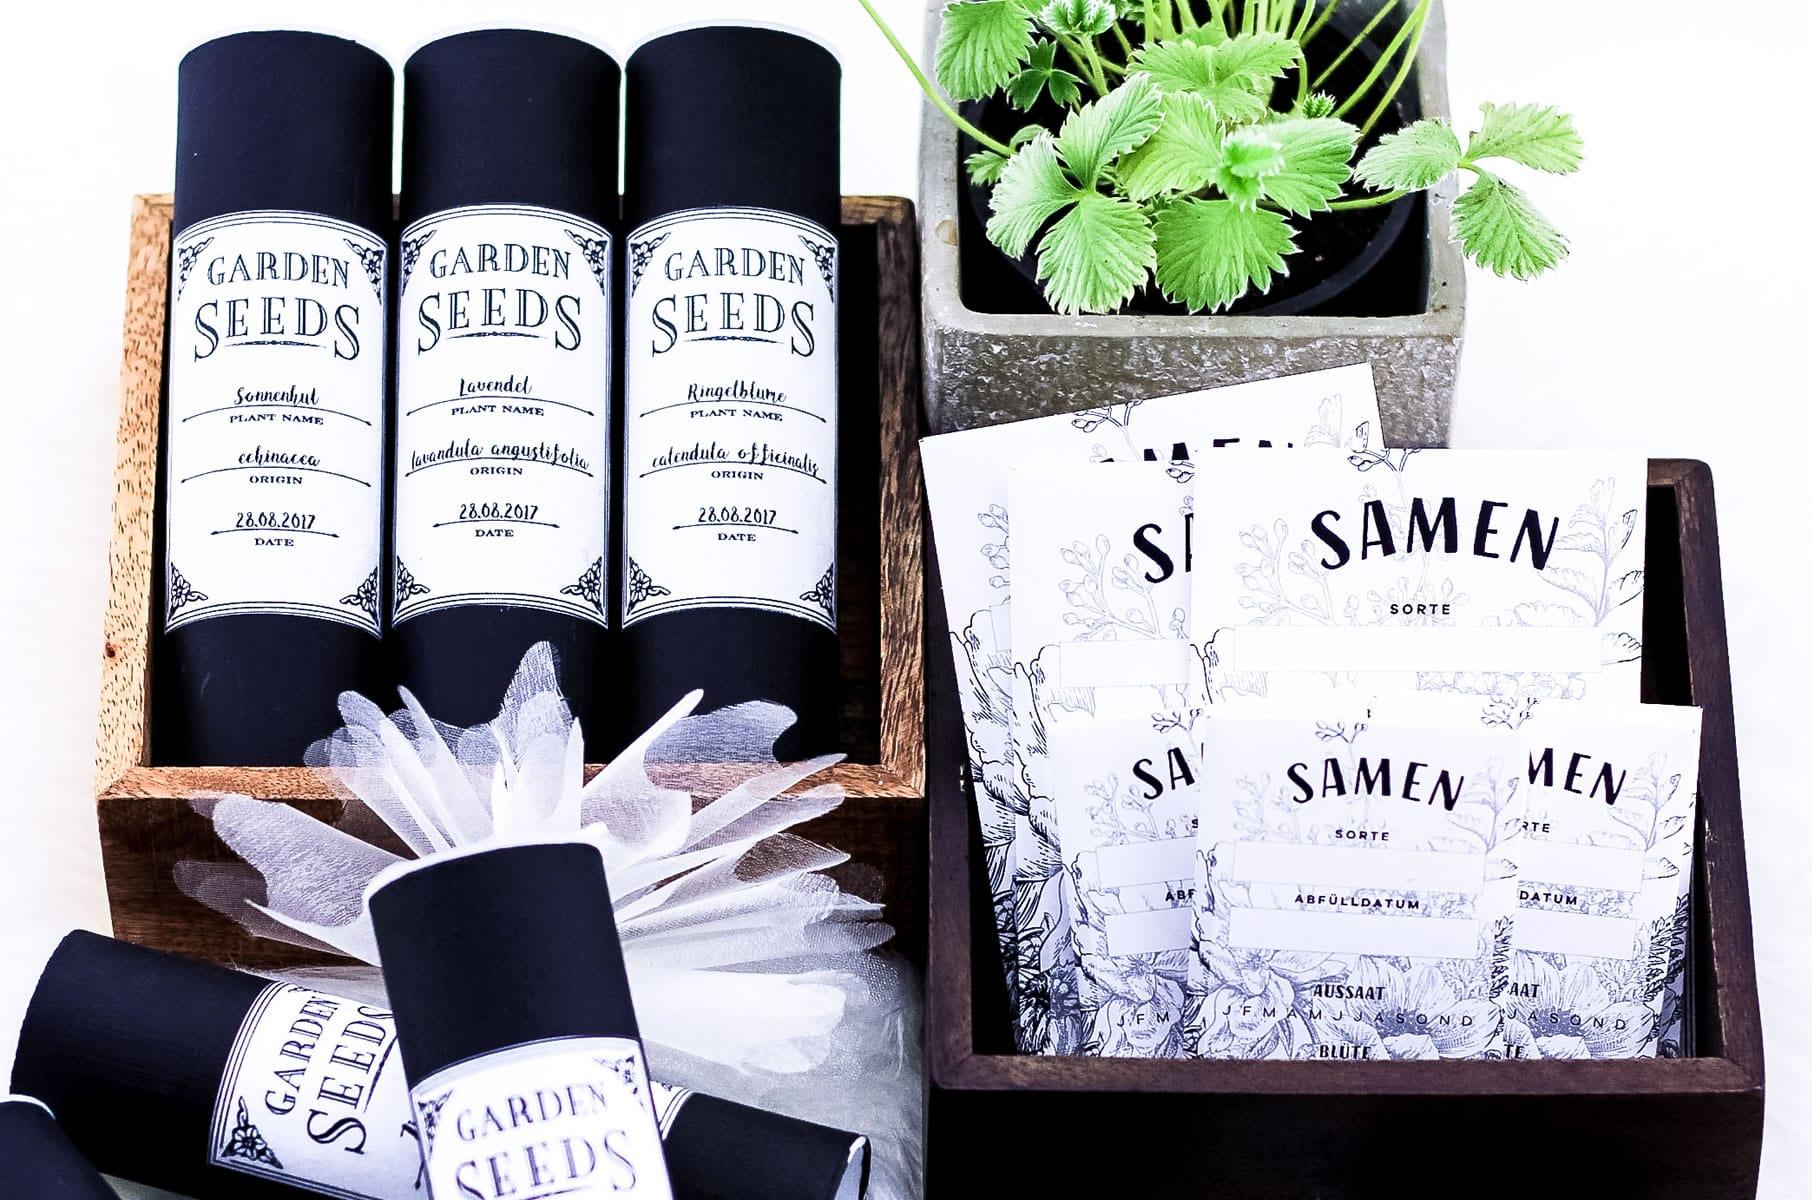 DIY Saatgut-Aufbewahrungsdosen selber machen | Upcycling aus Katzenleckerli-Dosen für mehr Ordnung im Garten | Filizity.com | DIY-Blog aus dem Rheinland #frühling #garten #greenliving